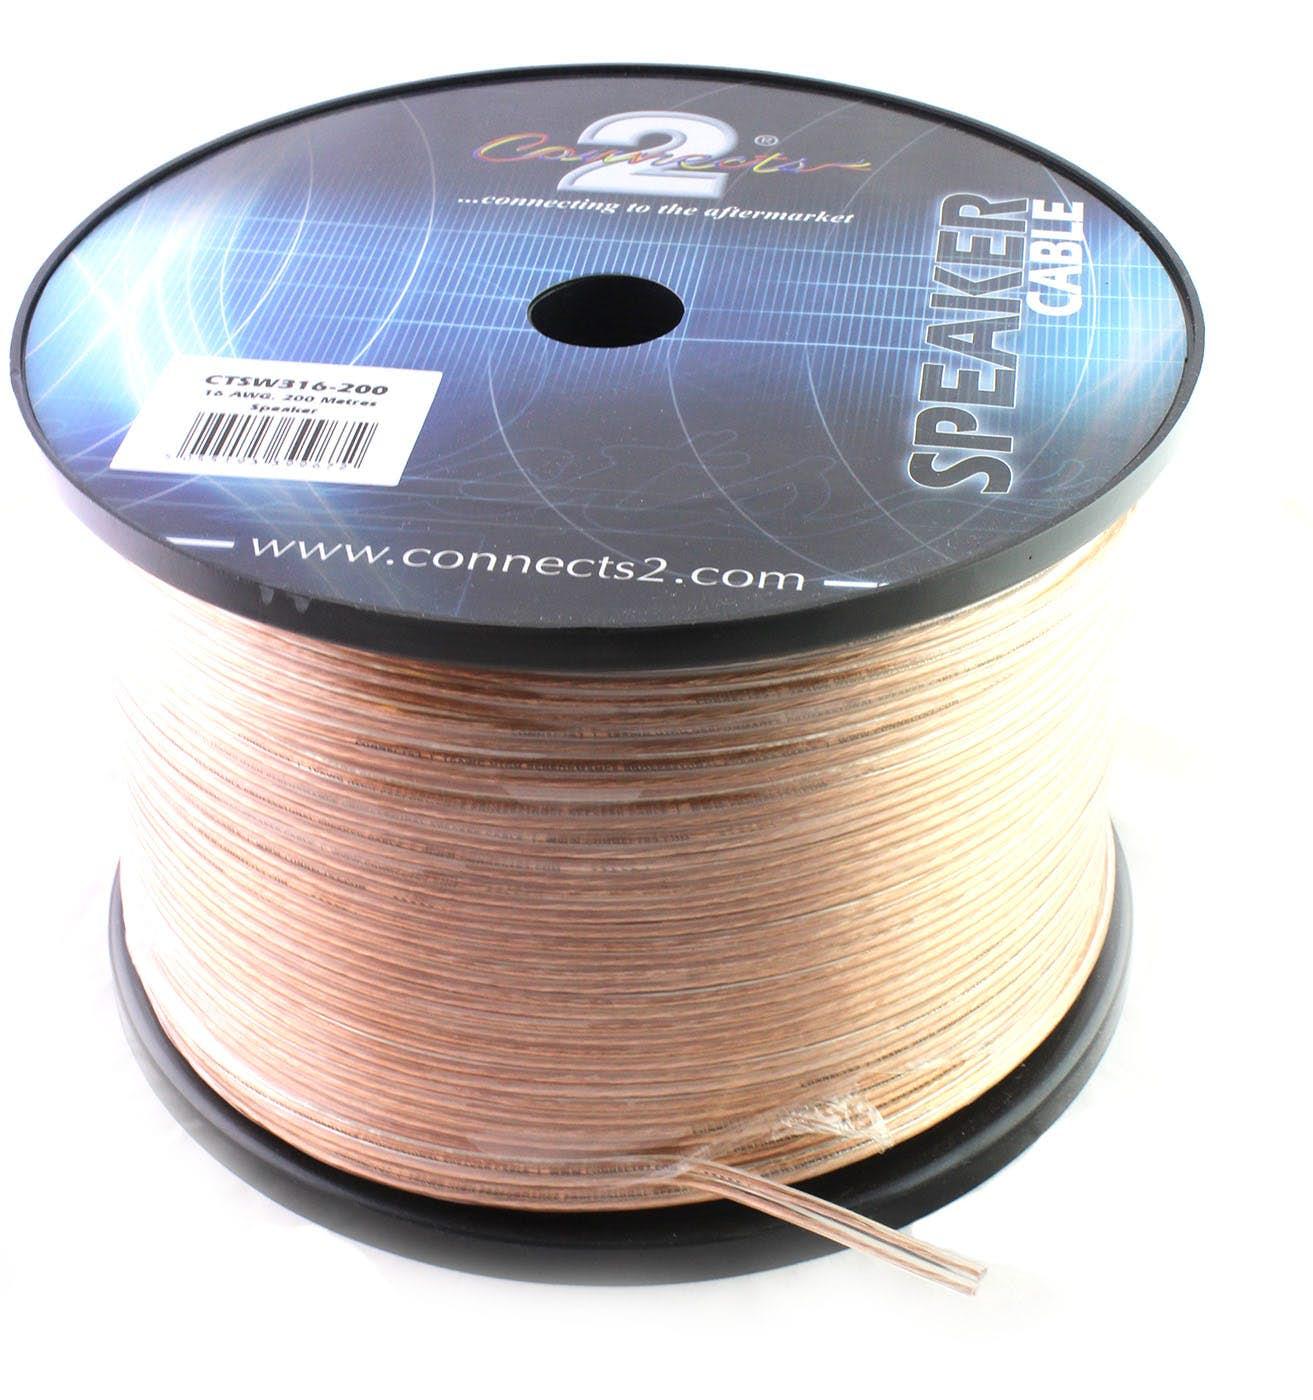 Zvočniški kabel 2 x 0,75 mm